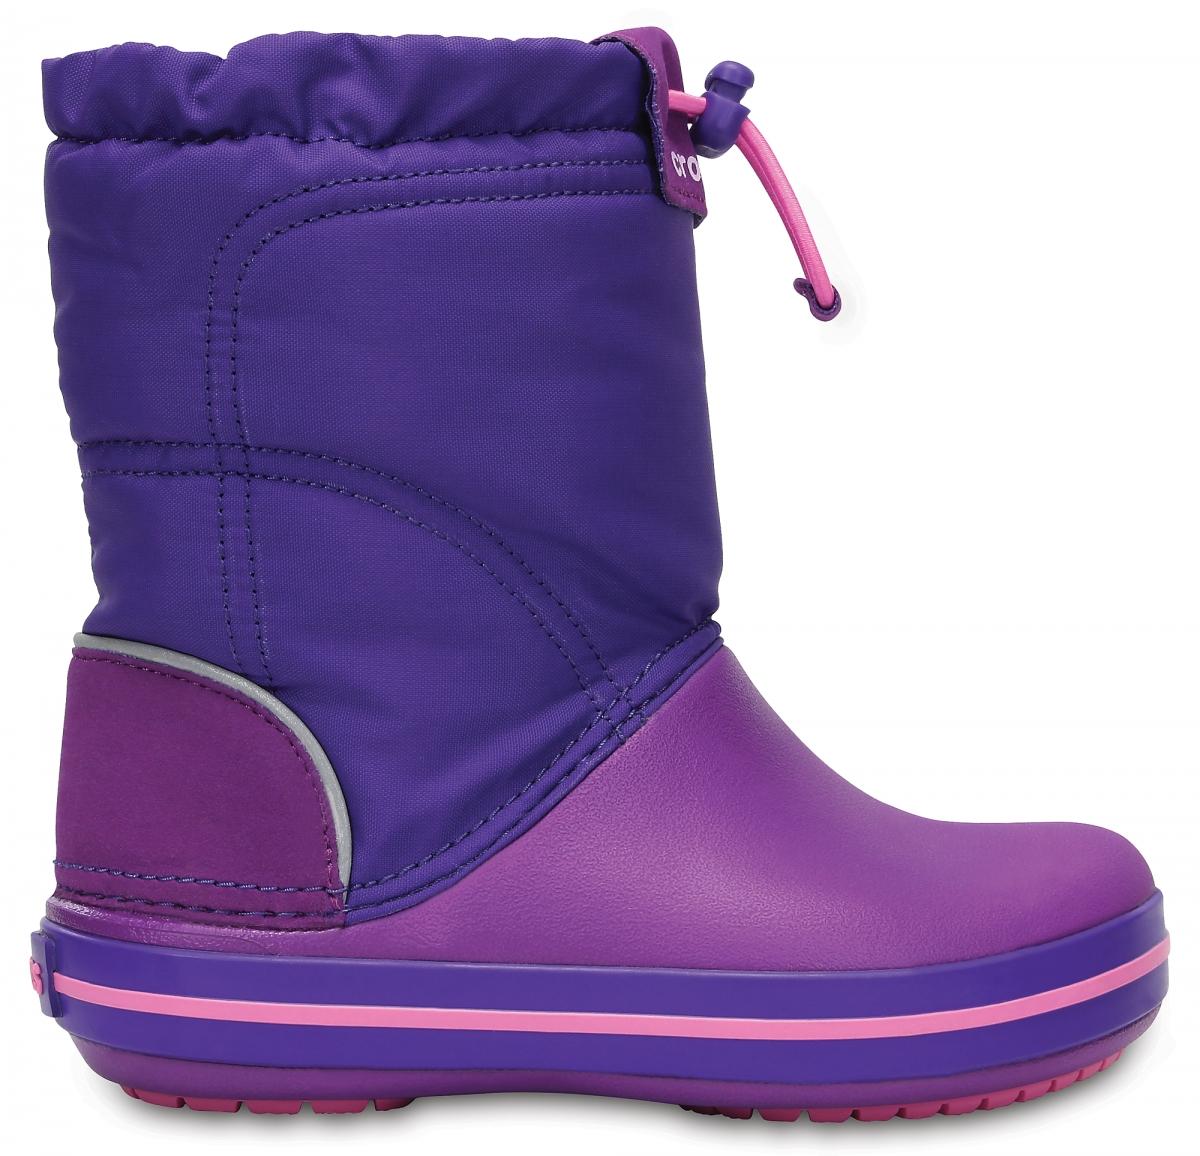 Crocs Crocband LodgePoint Boot Kids - Amethyst/Ultraviolet, J2 (33-34)